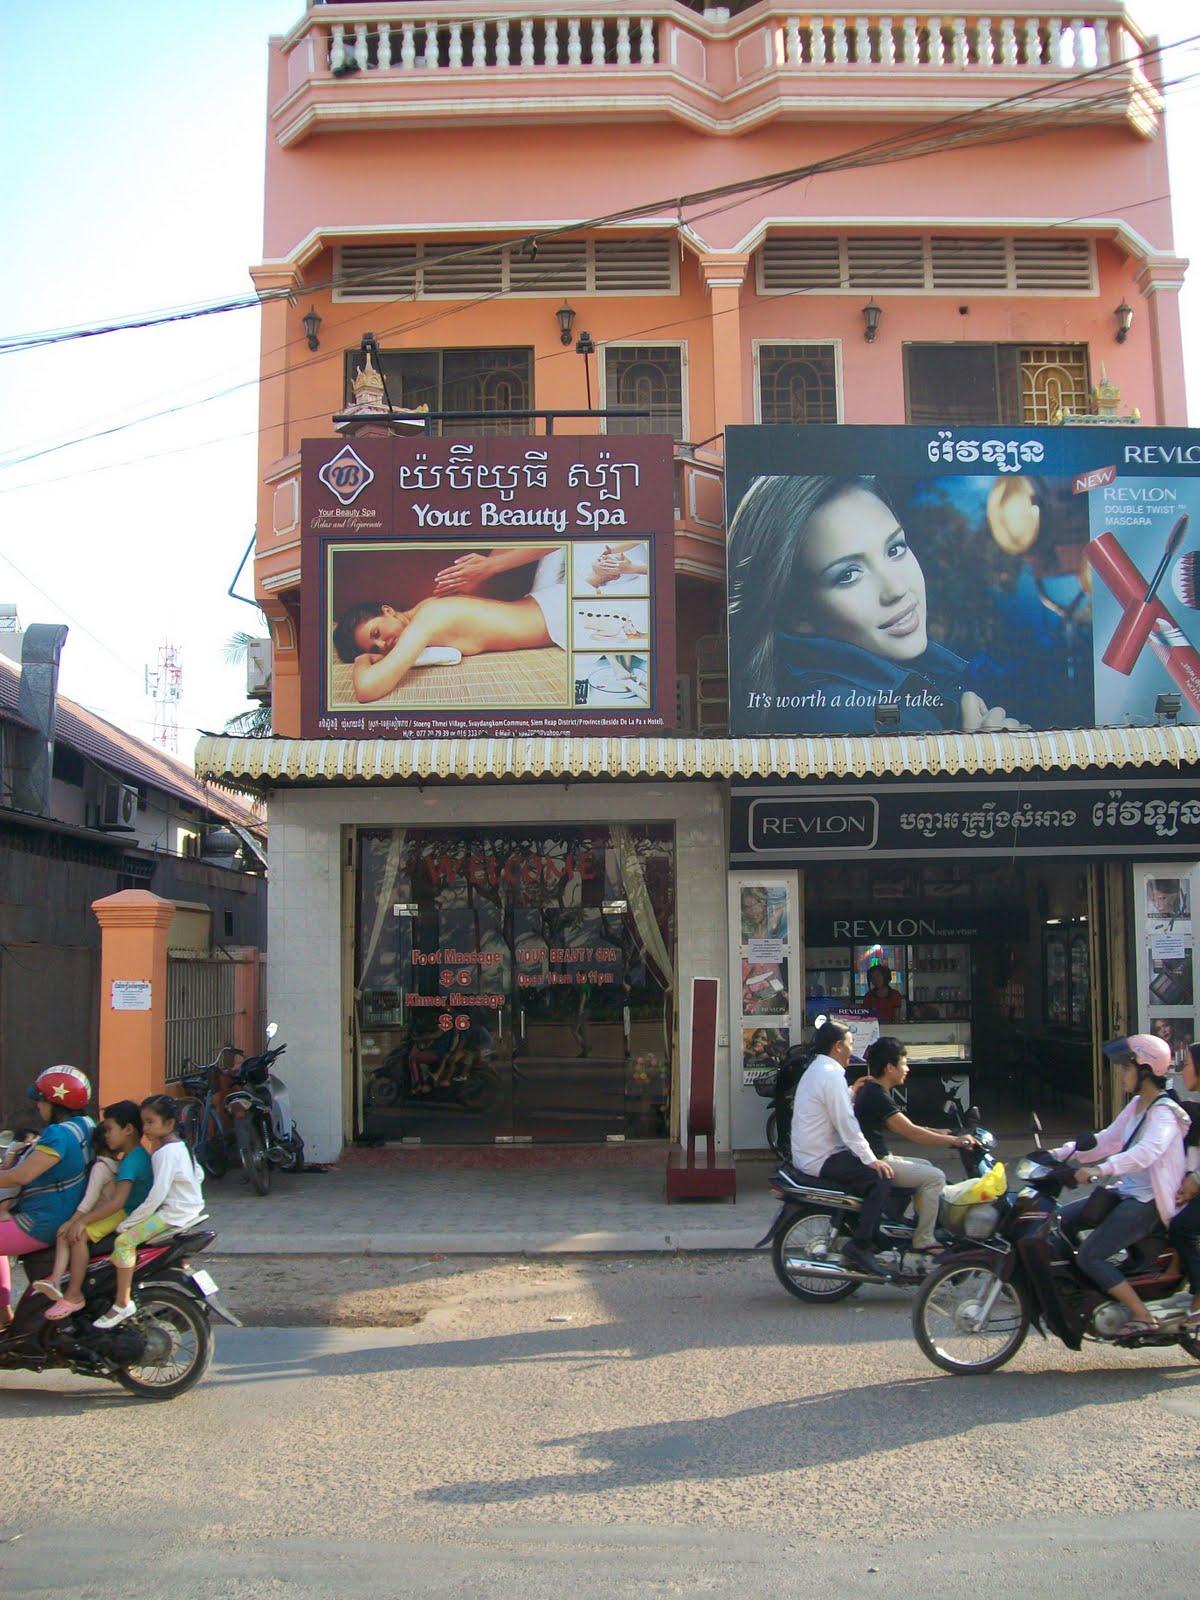 Soju Diaries: Cambodia: Day 2